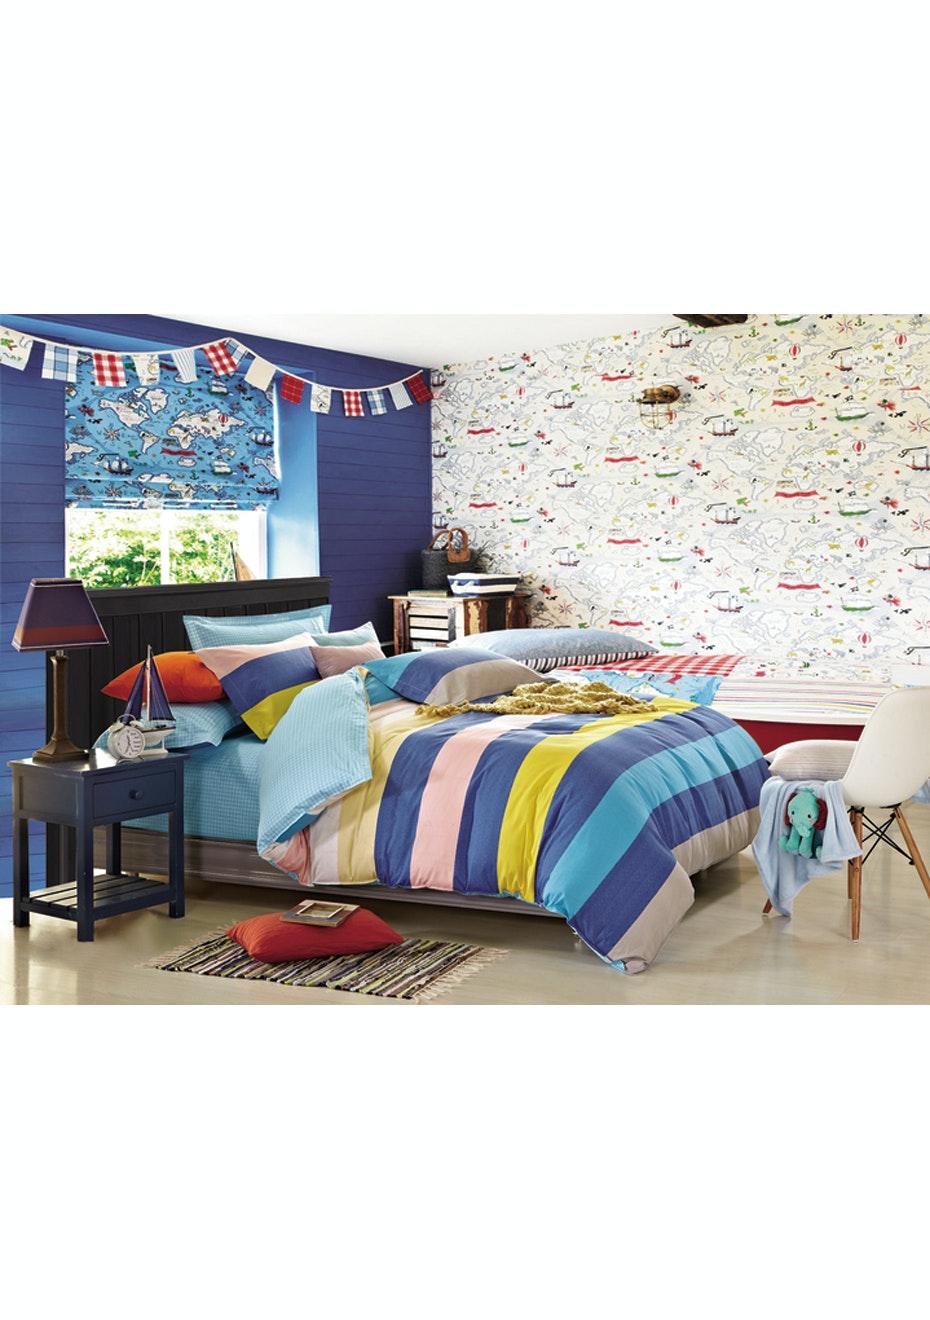 Carter Quilt Cover Set - Reversible Design - 100% Cotton - Double Bed